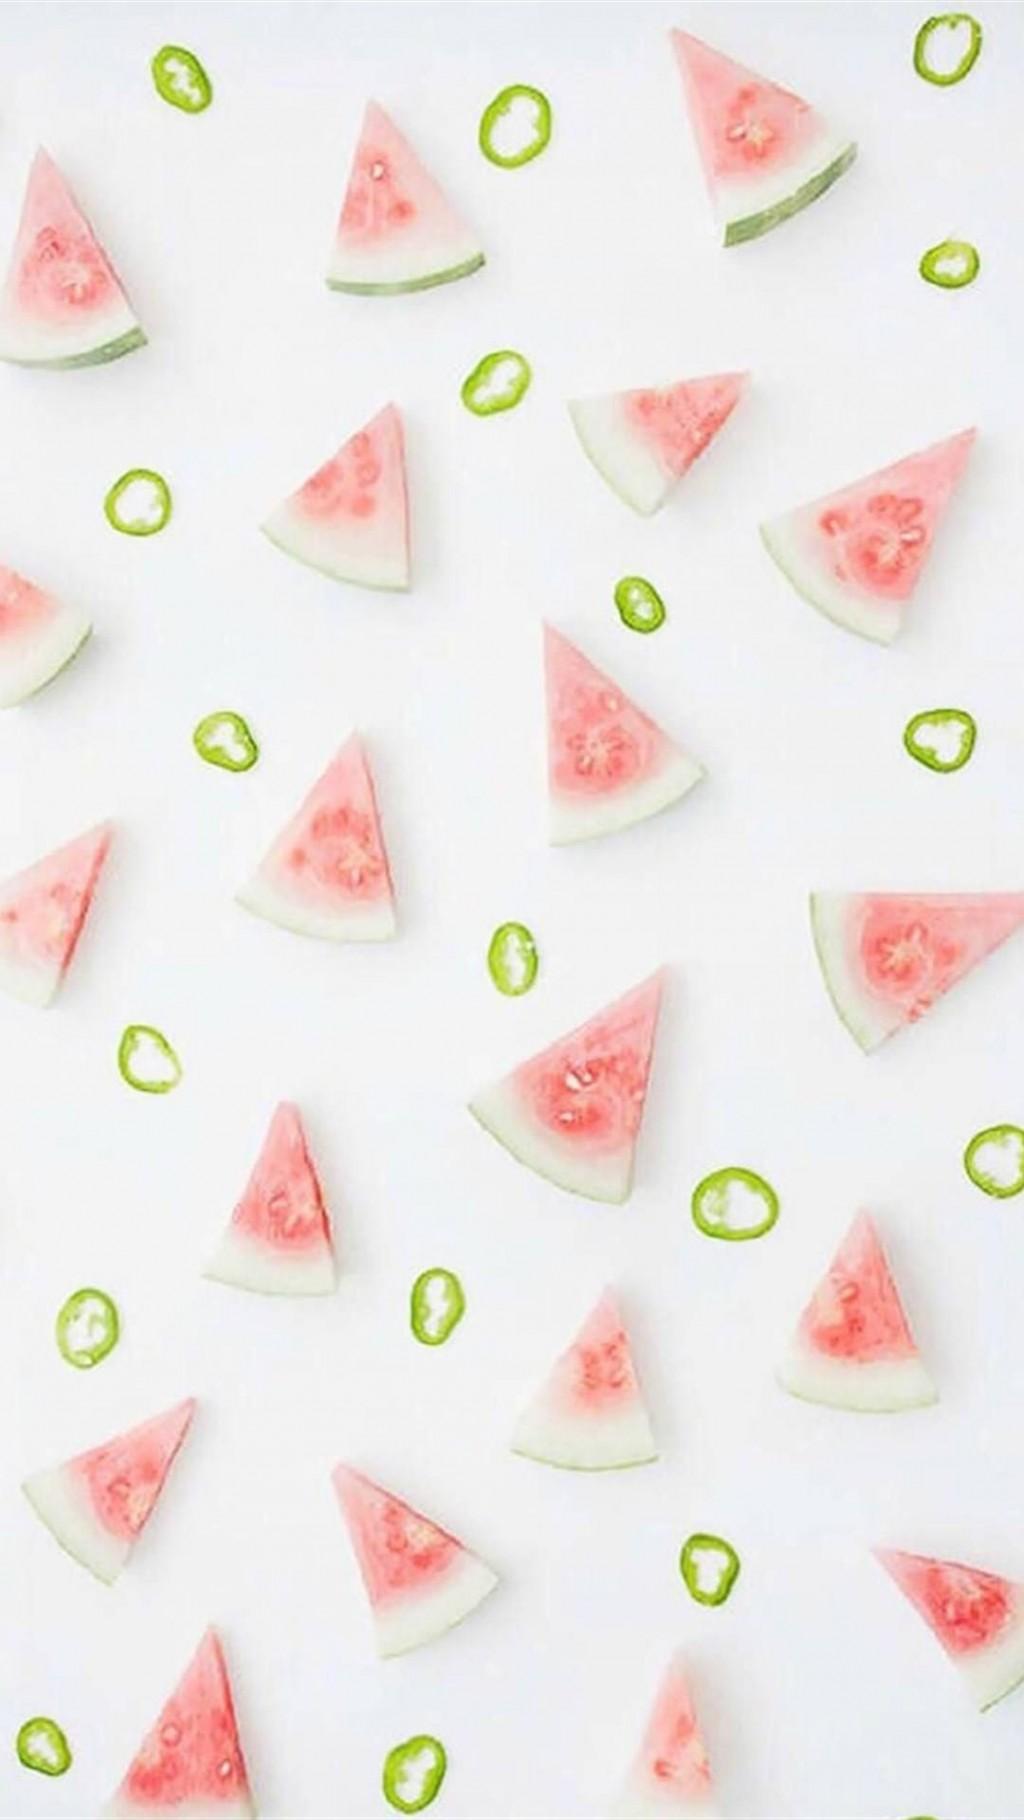 夏天是西瓜味儿的图片